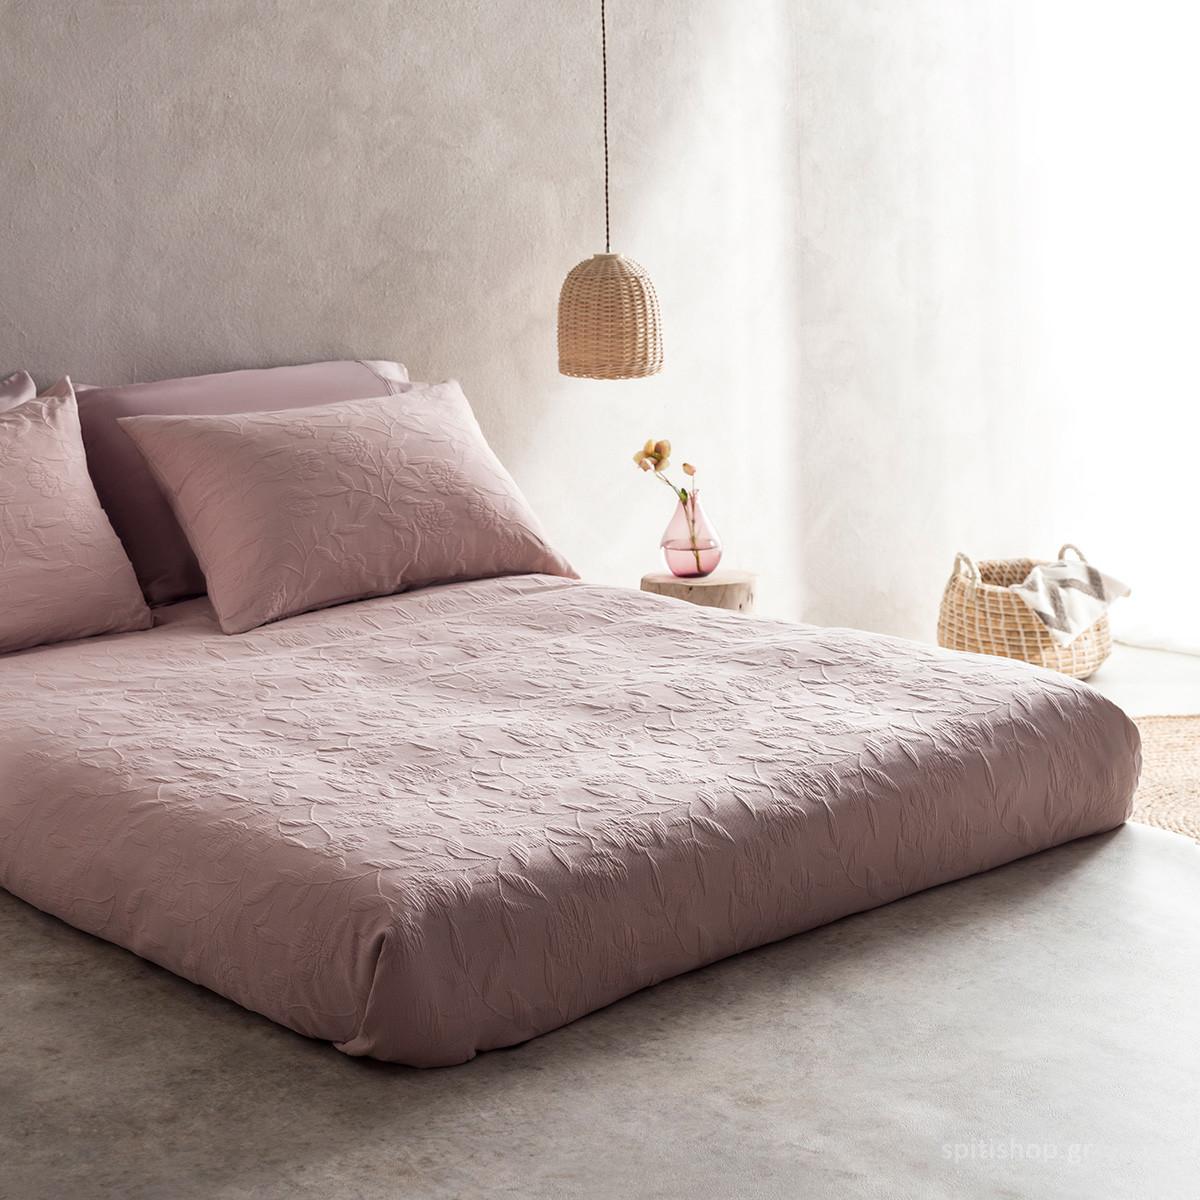 Κουβερτόριο Υπέρδιπλο Gofis Home Laurele Pink 978/17